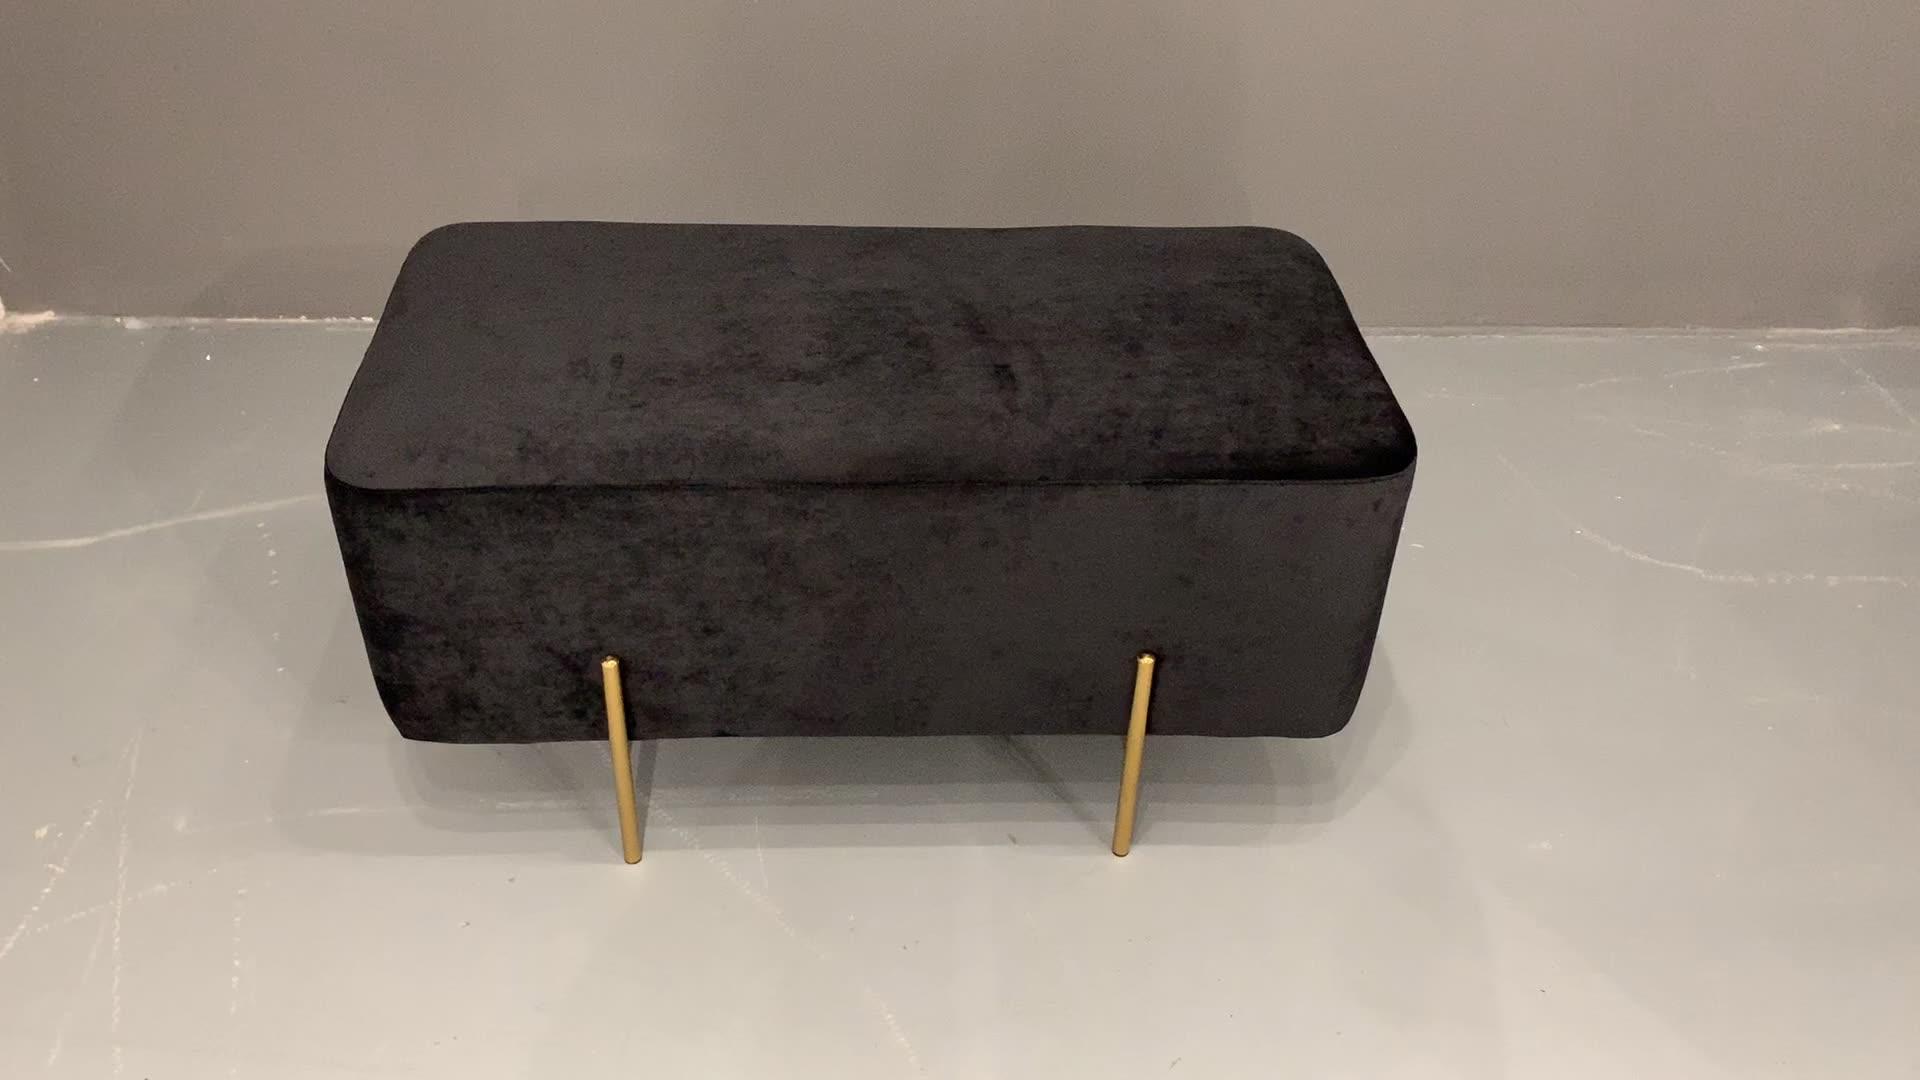 Fábrica al por mayor de muebles para el hogar de Banco de acero inoxidable tela de Taburete PUF Otomano